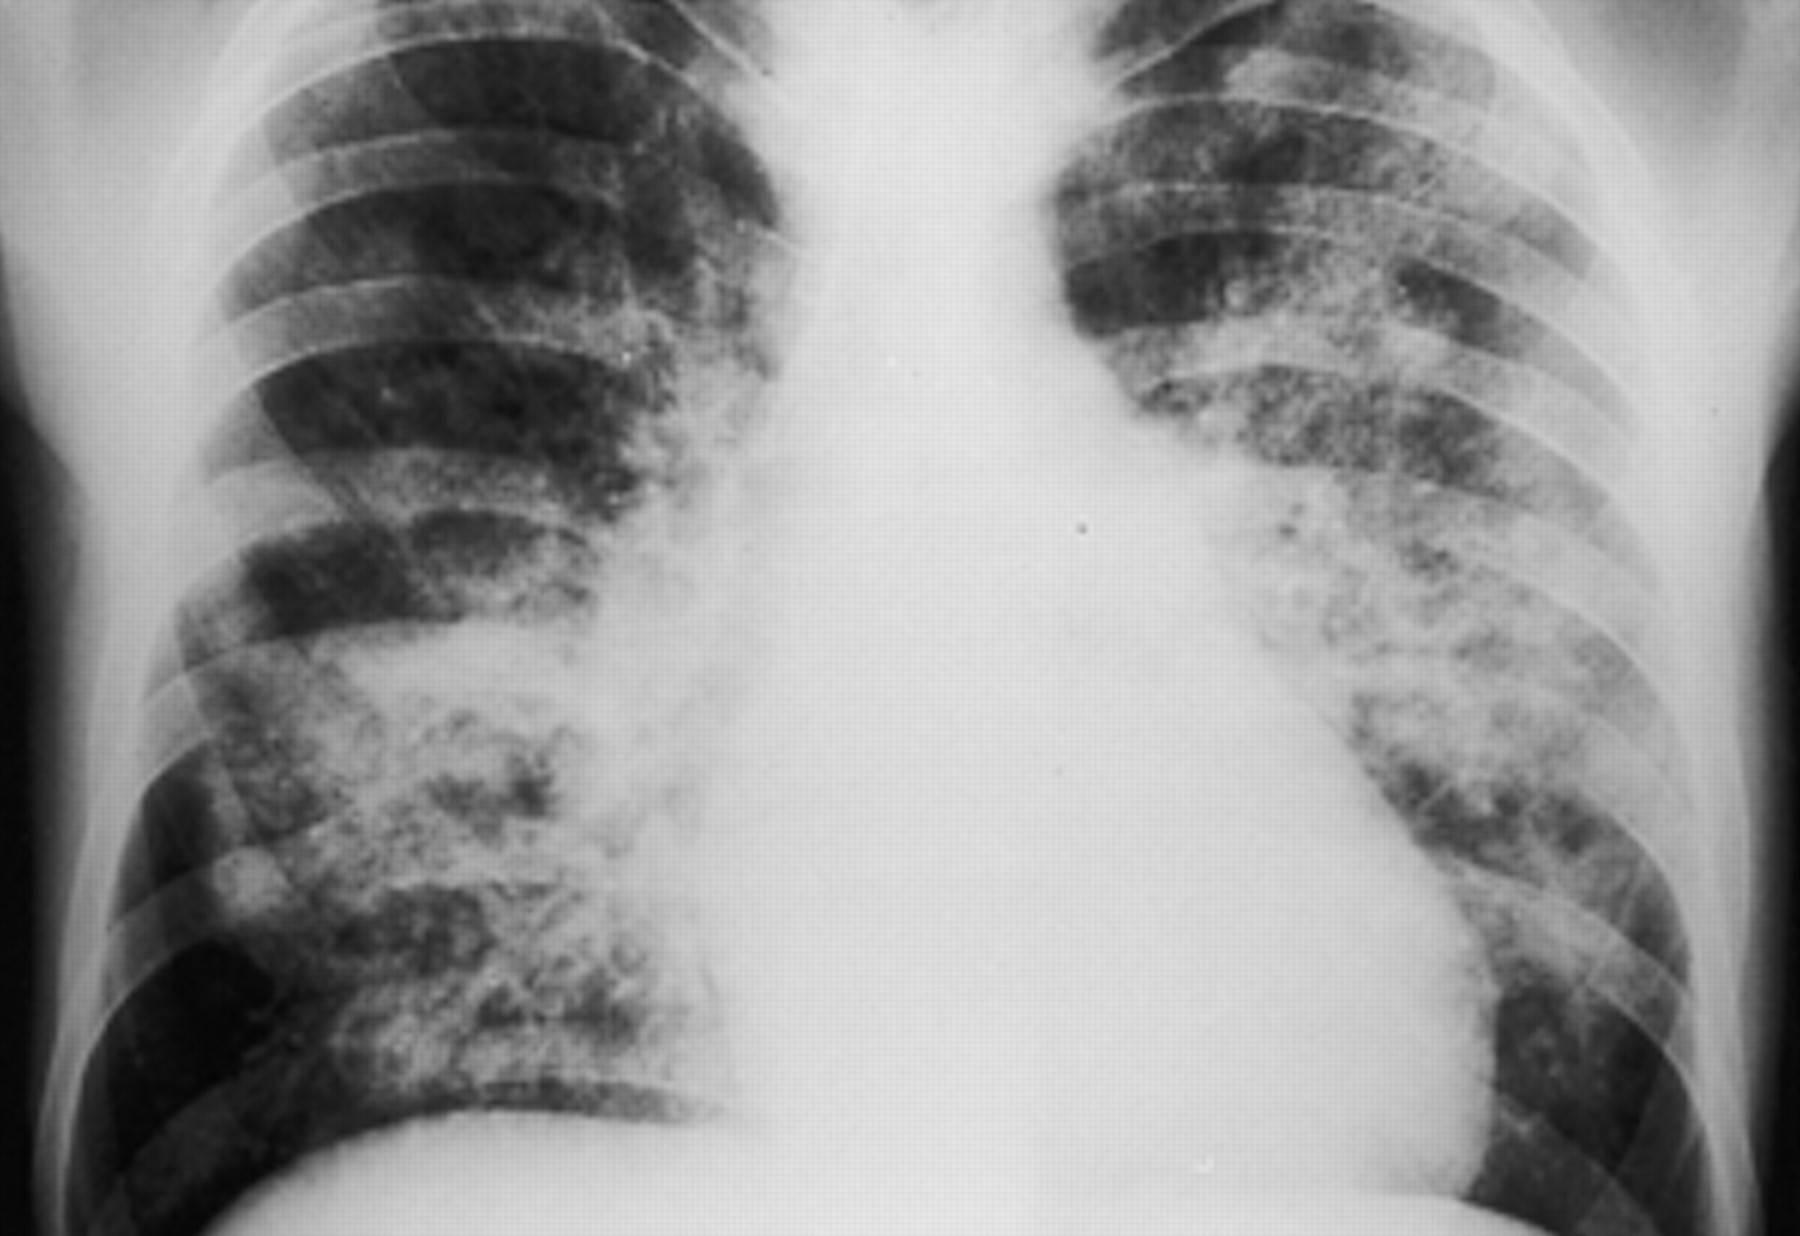 Пневмоцистоз (пневмоцистная пневмония)